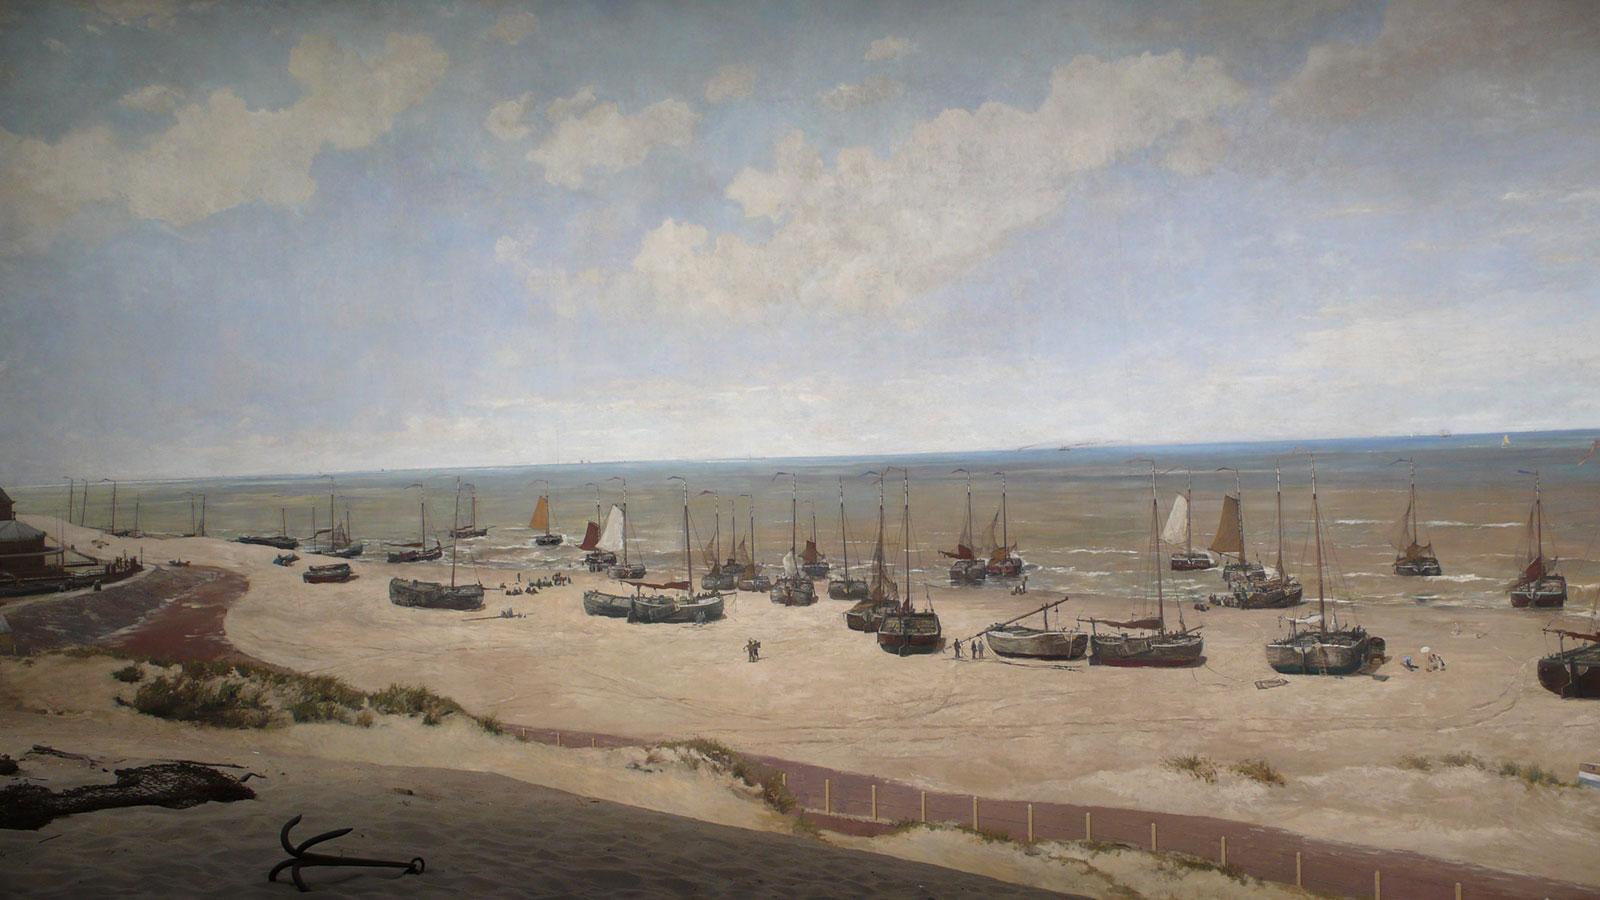 fragment panoramy zkrajobrazem piaszczystej plaży istatkami nawodzie